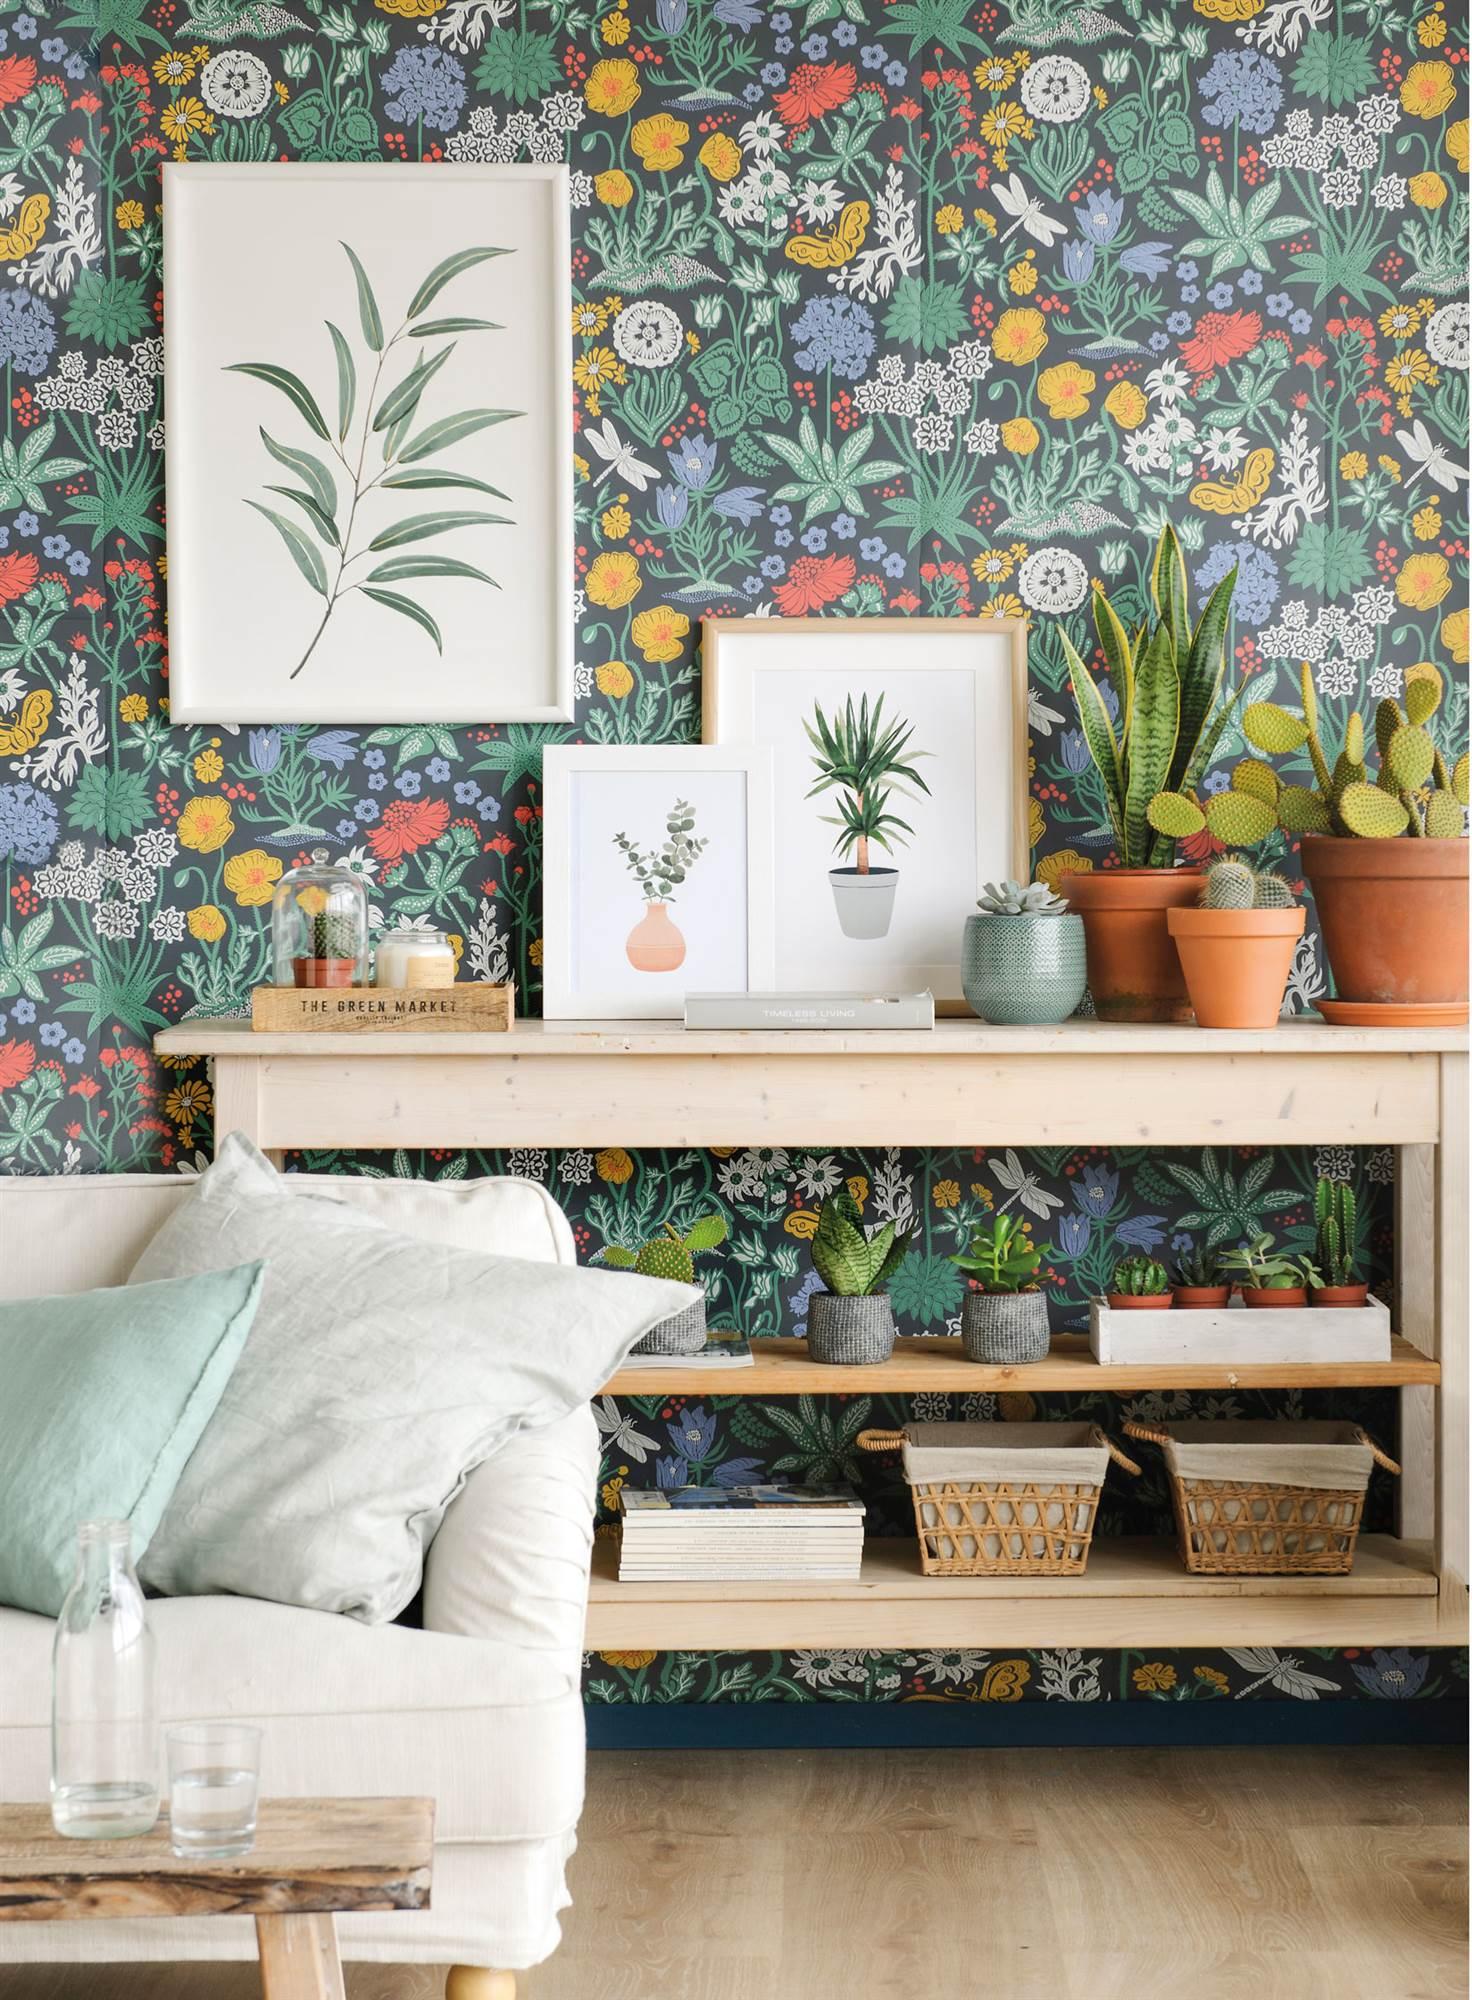 pared empapelada con papel de flores y laminas con ilustraciones de  plantas 00451405. Una pared de dd7872f69b2